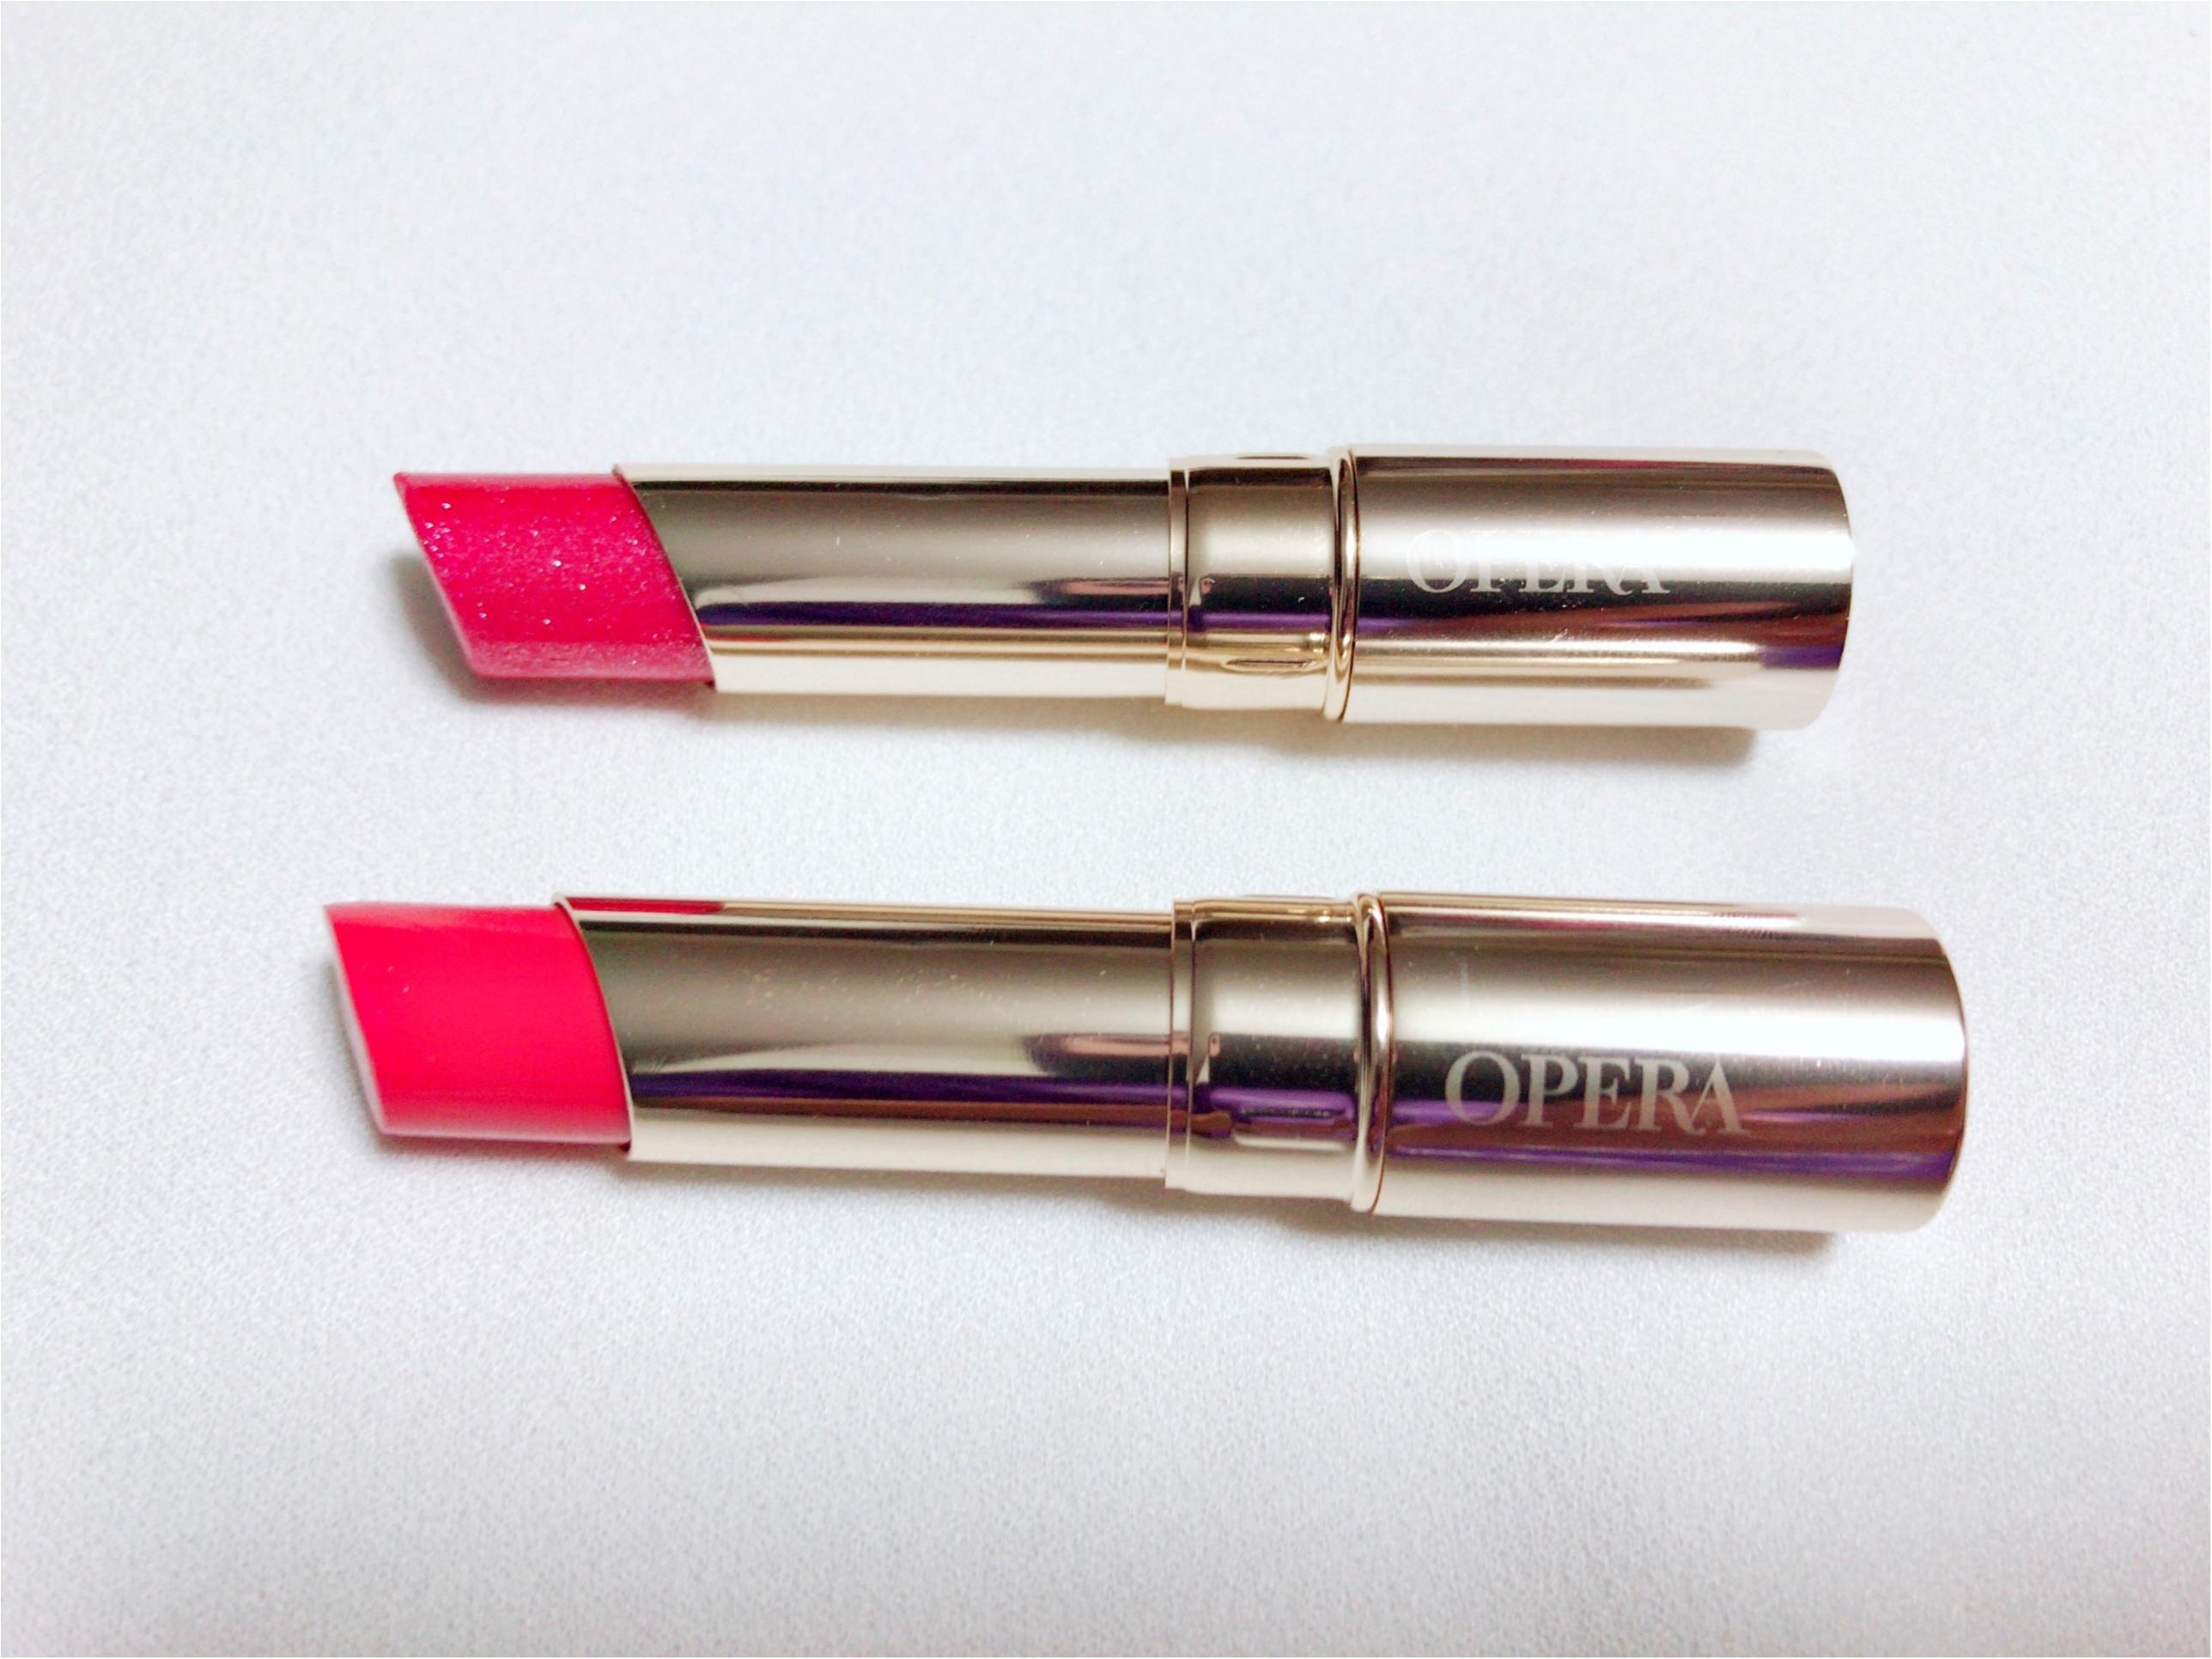 【OPERA】人気の限定色12番とコーラルピンク05番が使える♡色っぽくなる2色を比べてみました♡_4